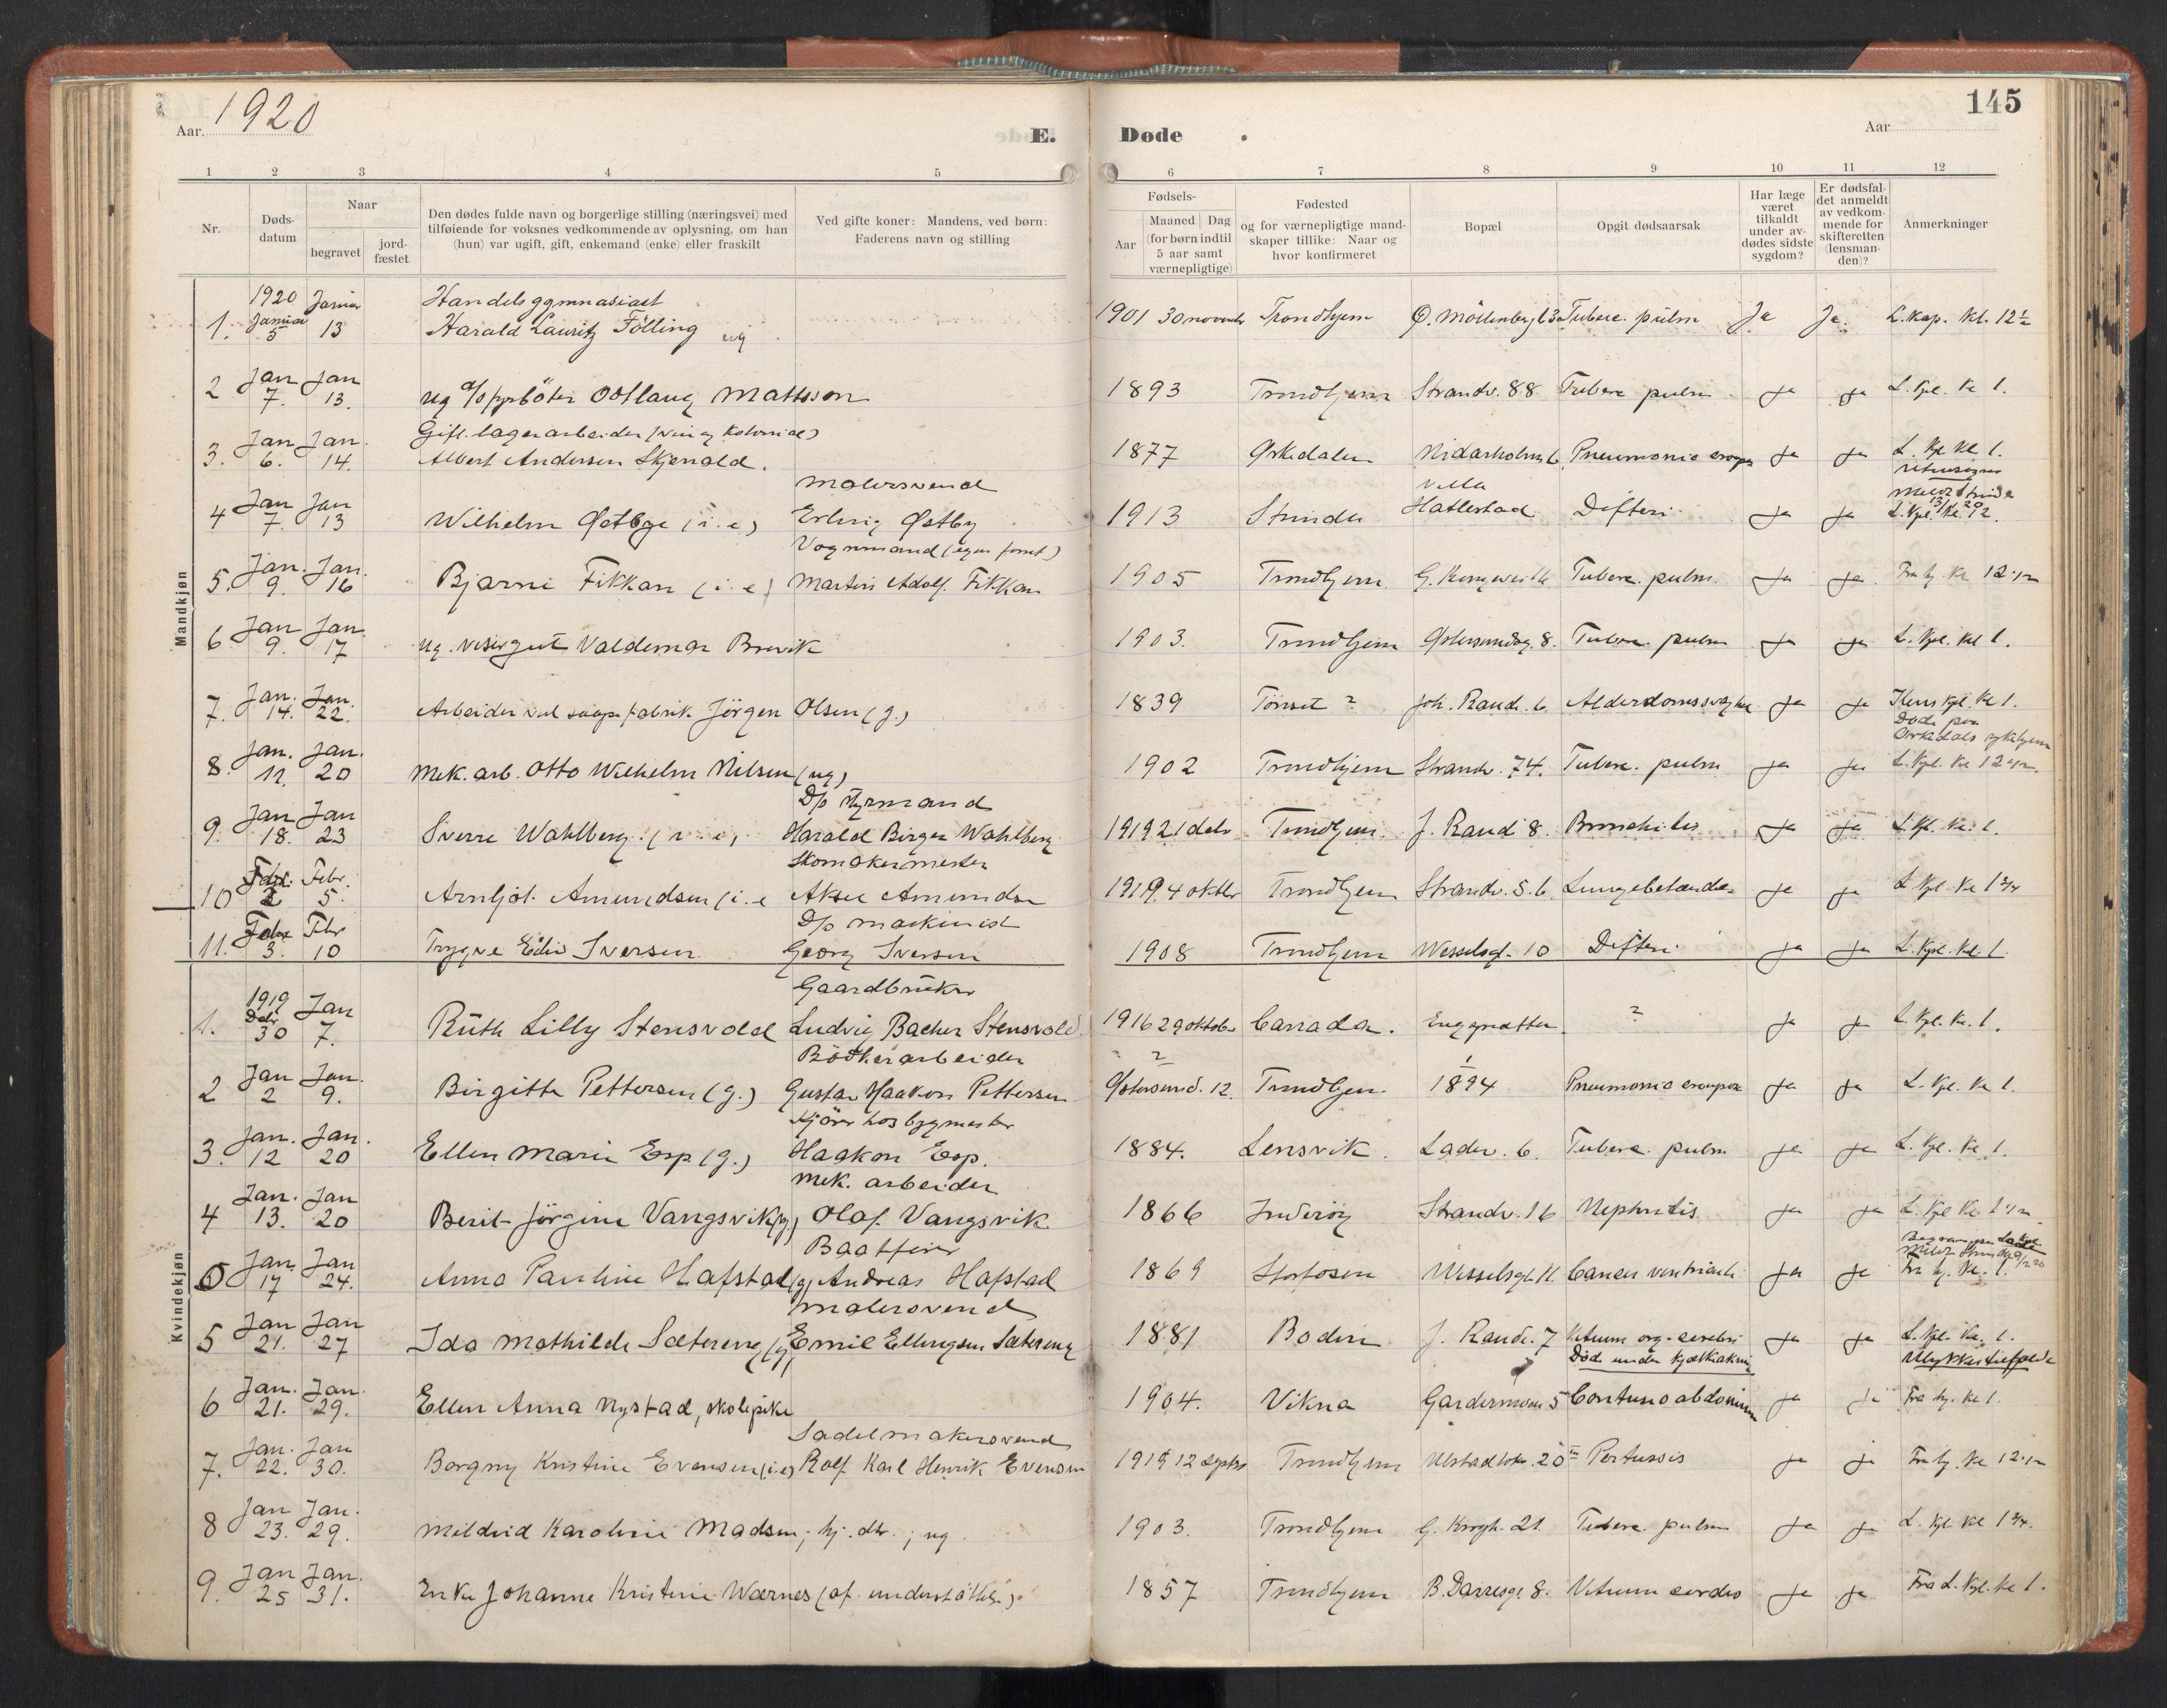 SAT, Ministerialprotokoller, klokkerbøker og fødselsregistre - Sør-Trøndelag, 605/L0245: Ministerialbok nr. 605A07, 1916-1938, s. 145